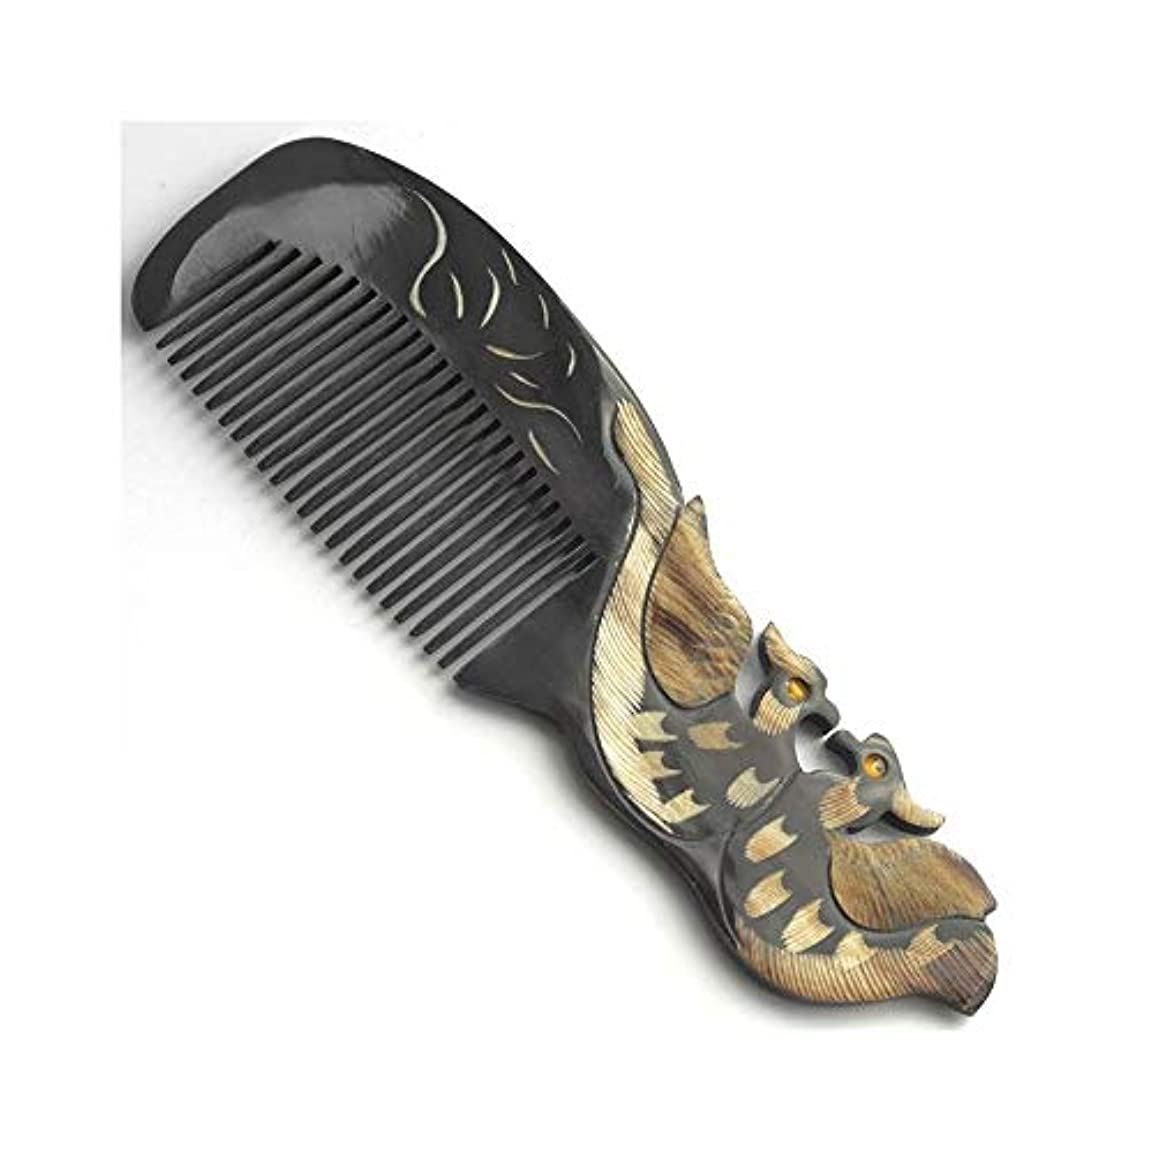 促進する特に薄めるヘアコーム理髪くし ブラックヘアコーム静的な木製ファイン歯のくし - ナチュラルバッファローホーン櫛のために女性と男性 ヘアスタイリングコーム (Color : 427)